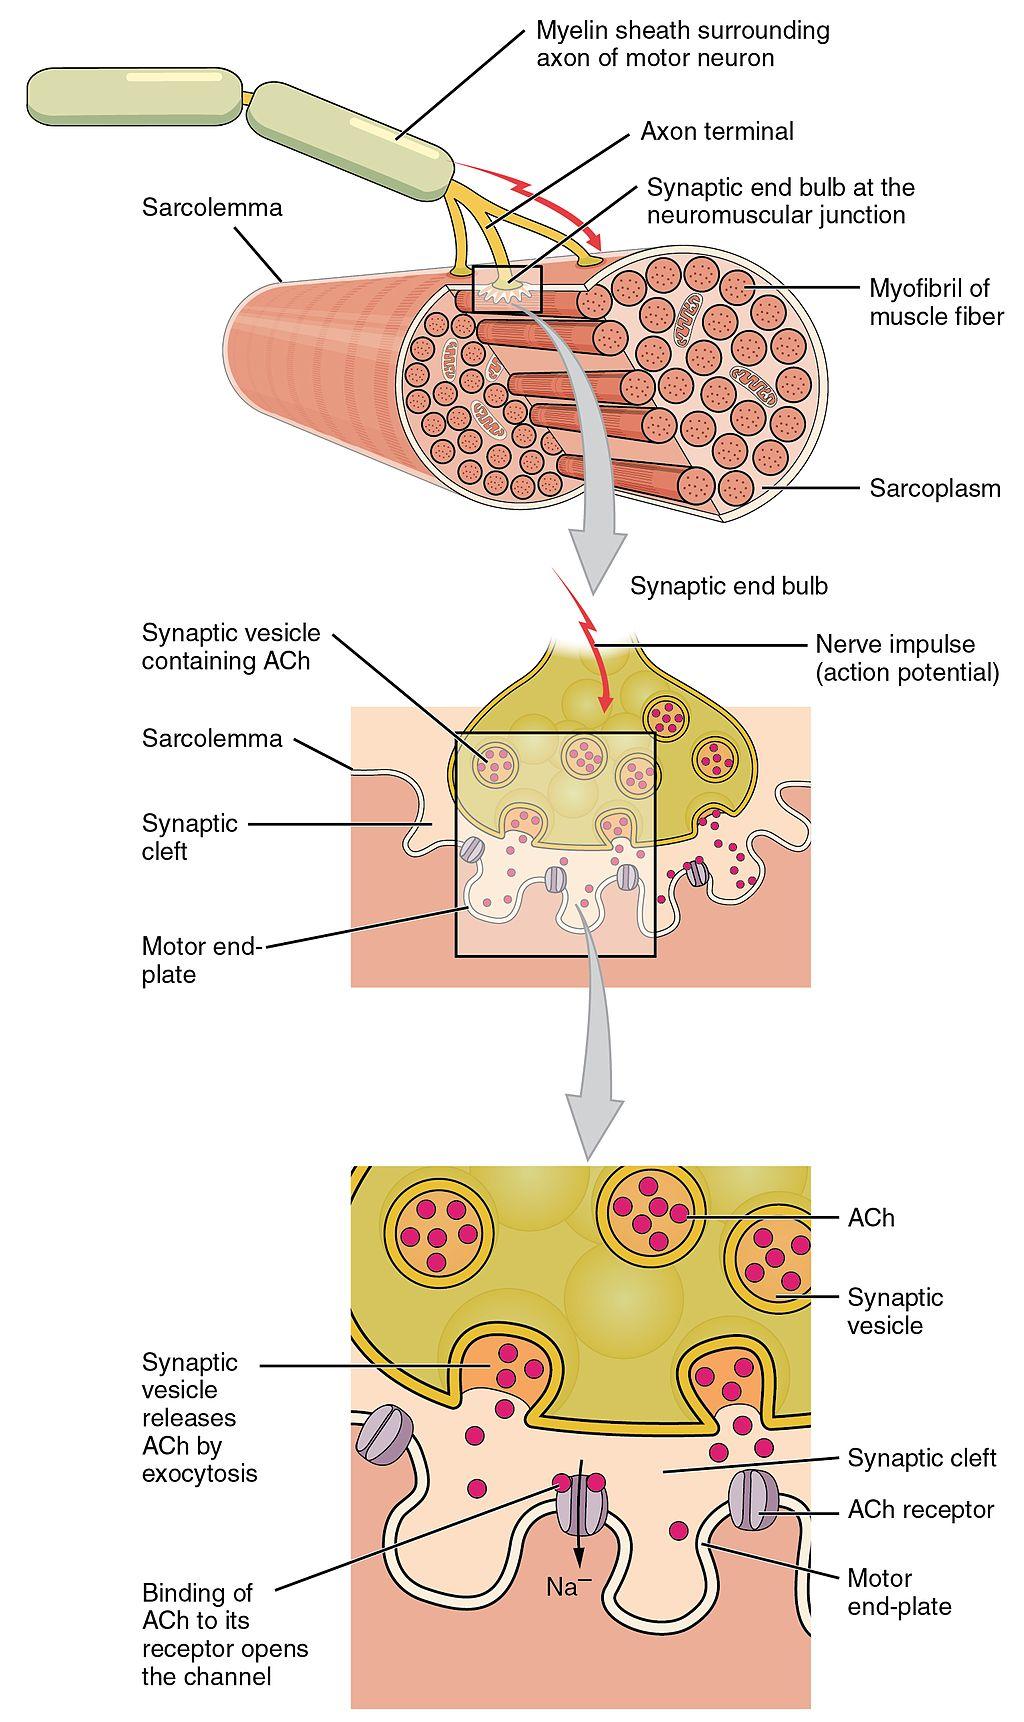 12.4.2 Neuromuscular Junction